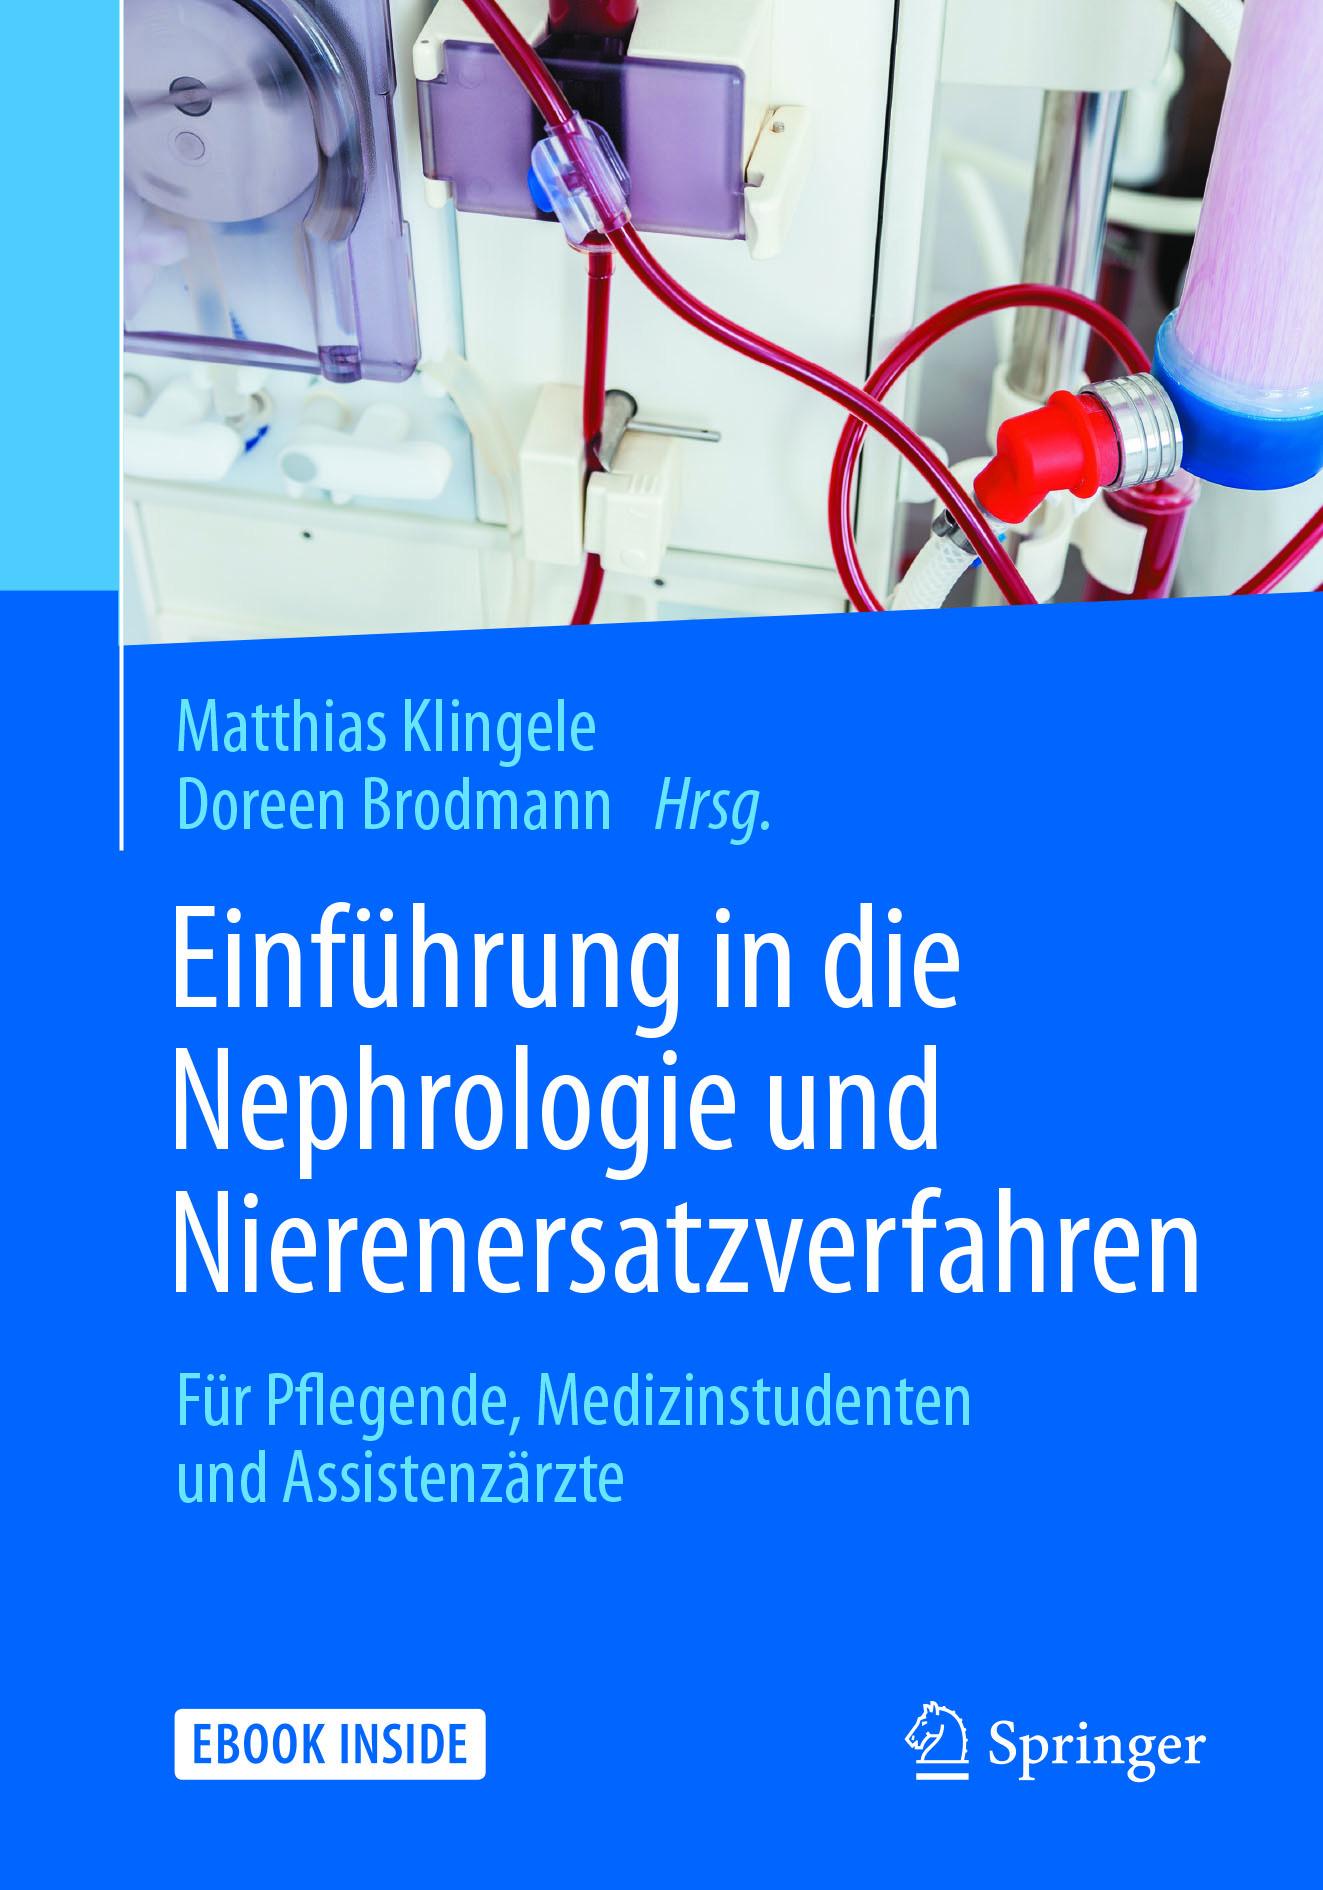 Brodmann, Doreen - Einführung in die Nephrologie und Nierenersatzverfahren, ebook